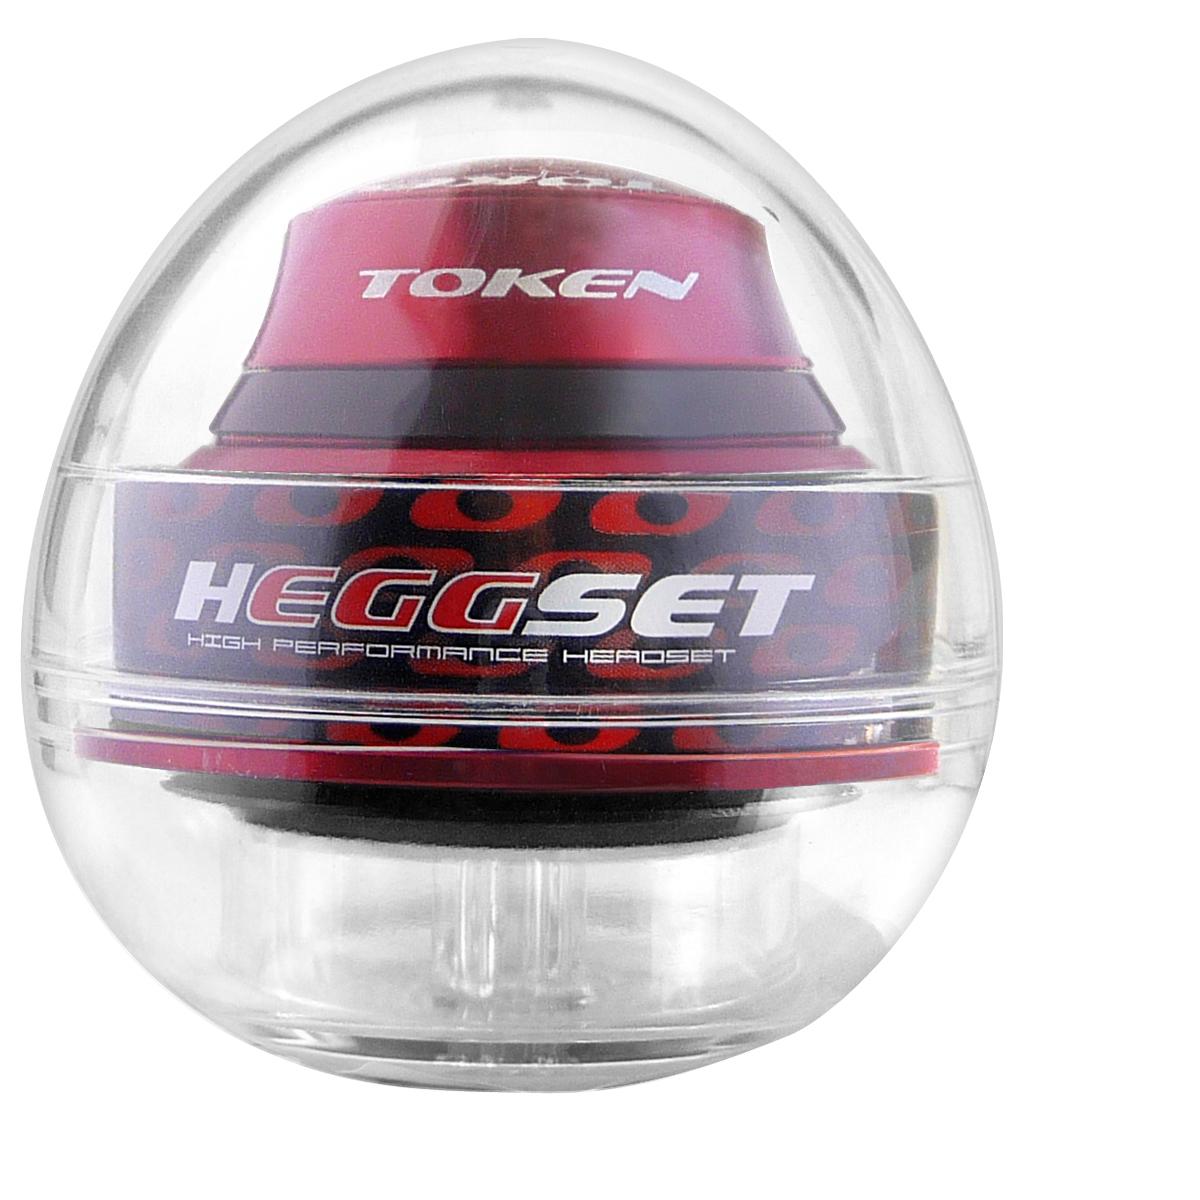 Jeu de direction Token hEGGset Taper intégré/semi-intégré droit/conique 1.1/8\